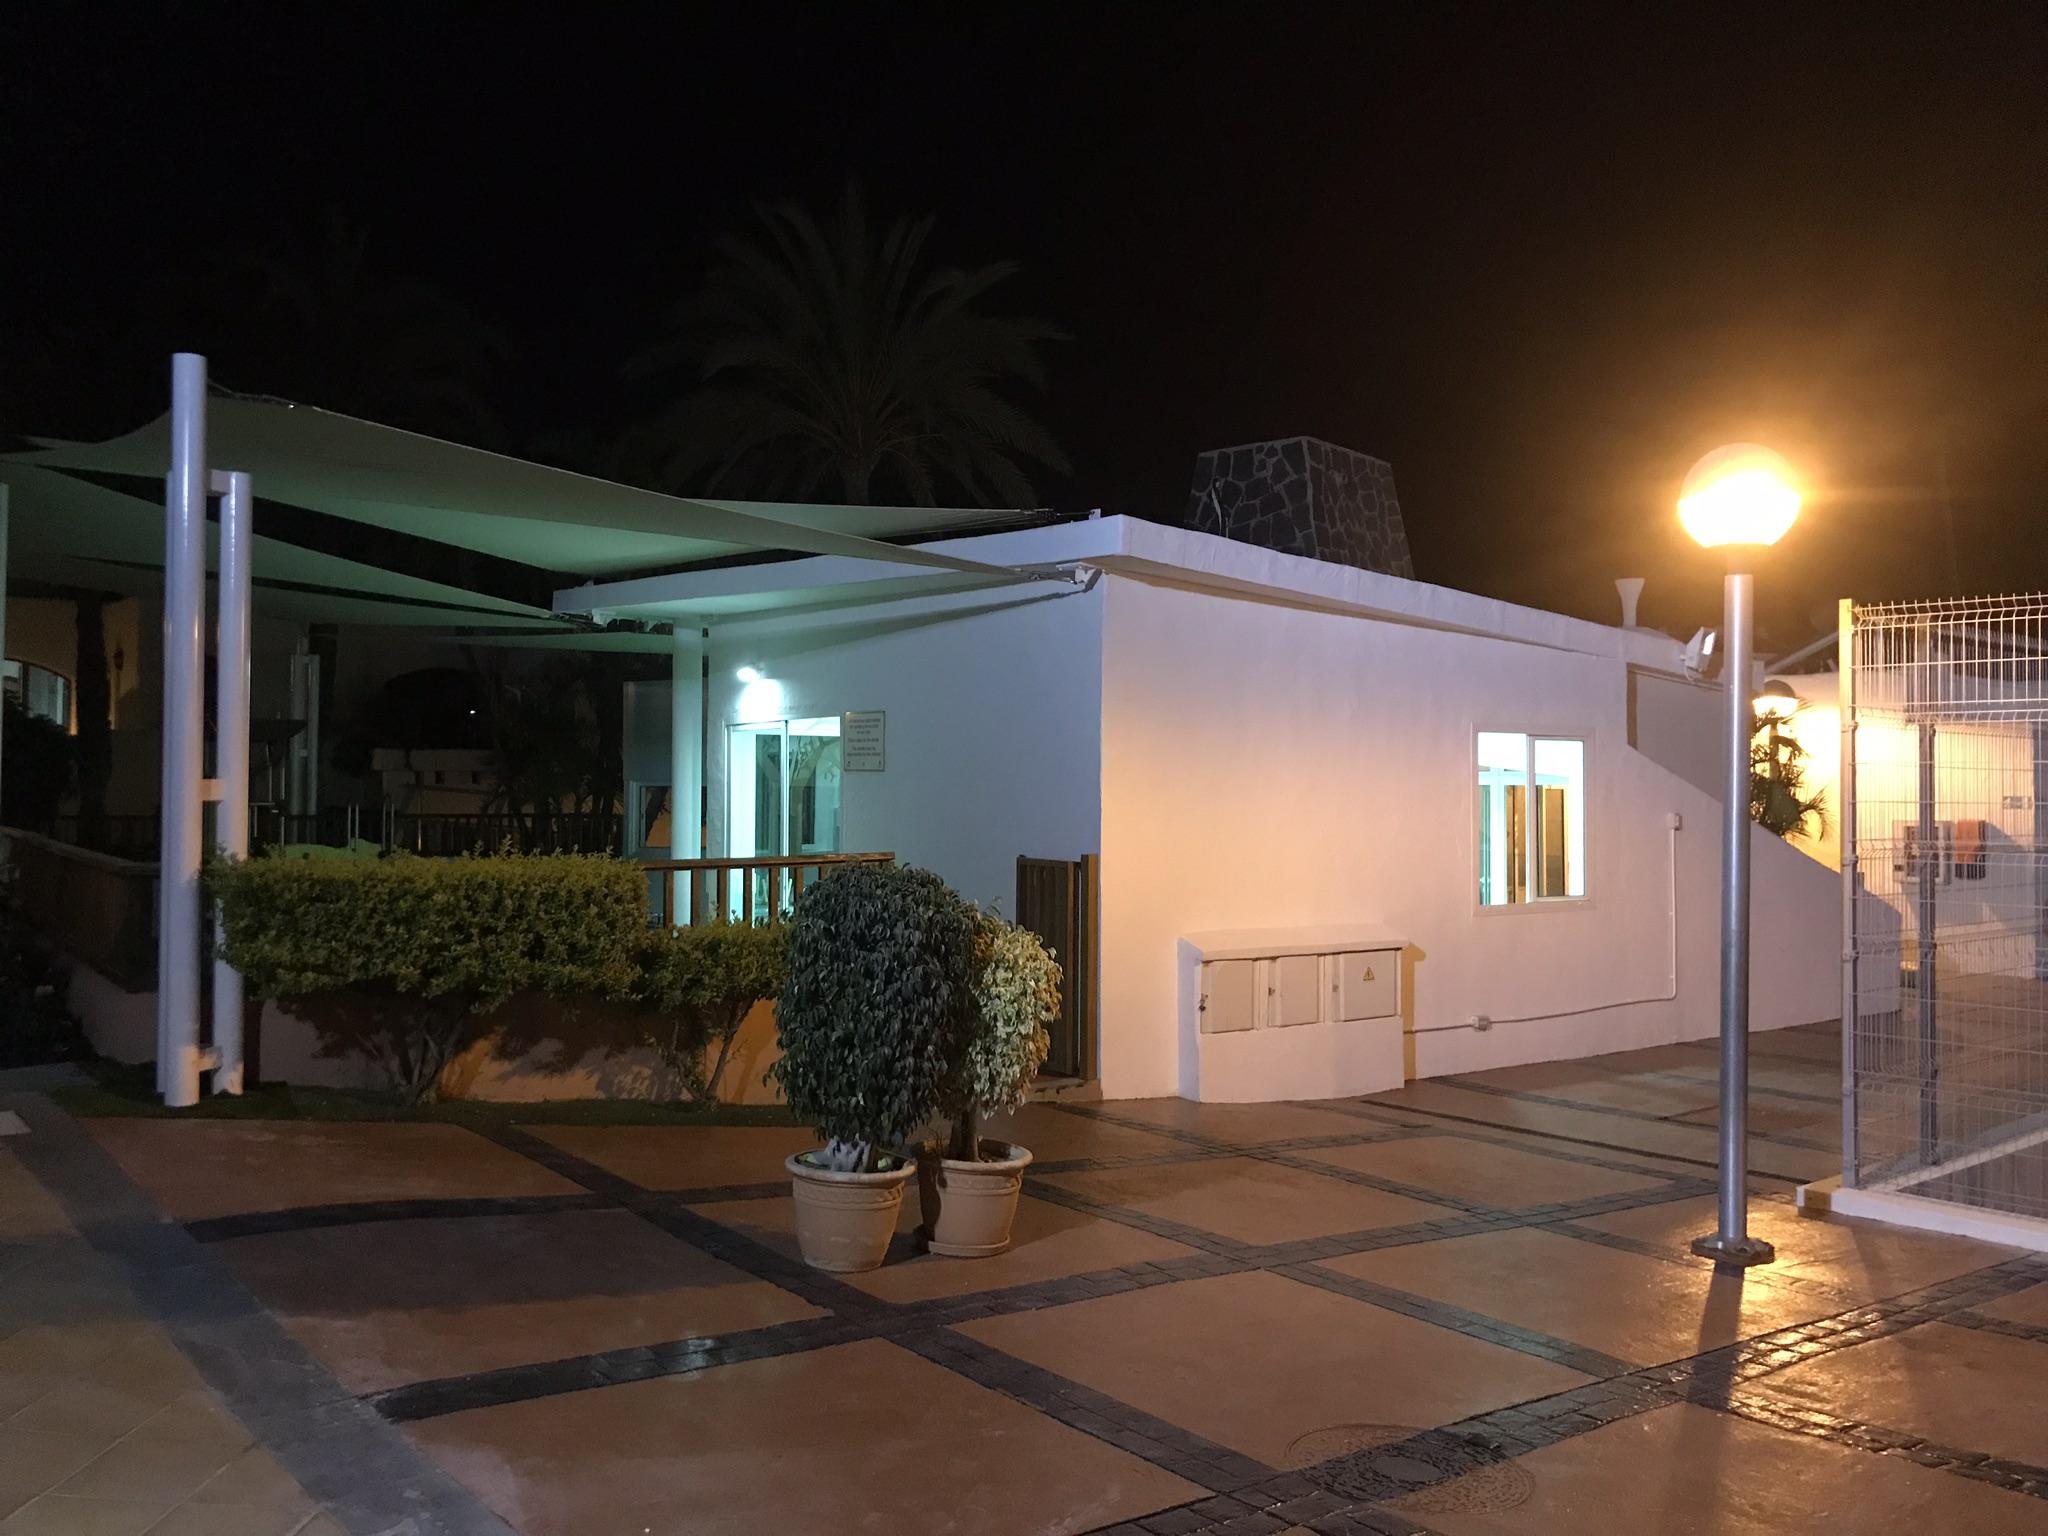 Opincan - Reforma de bungalows y zonas comunes HD Parque Cristóbal, en Tenerife.